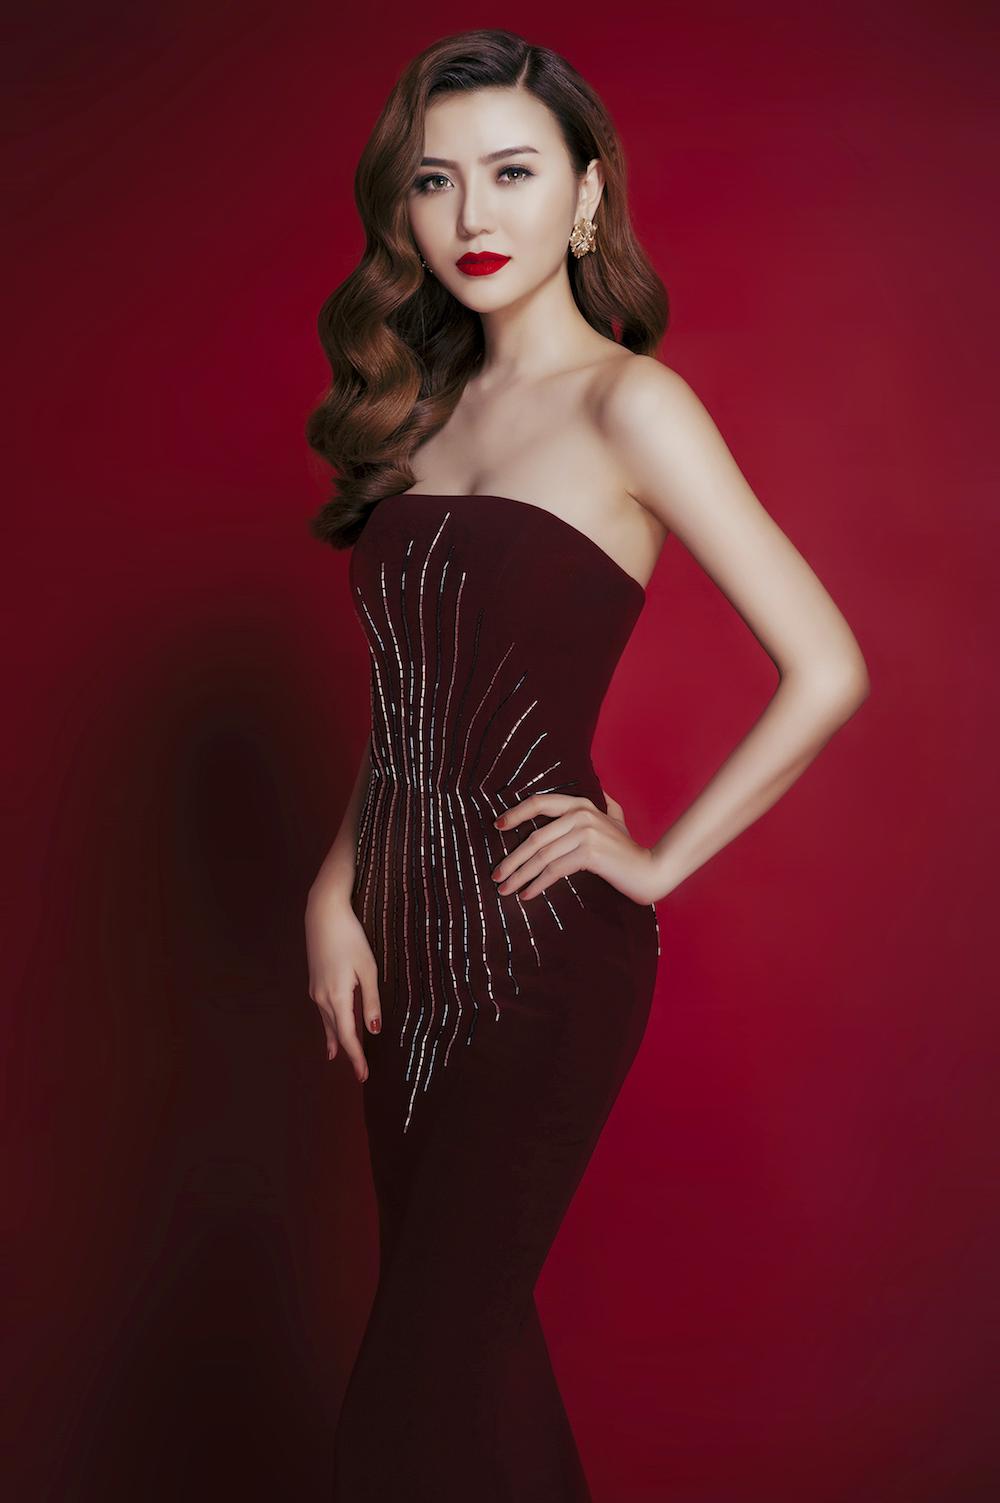 Trong năm 2015 vừa qua, Ngọc Duyên cũng từng đạt được giải đồng Siêu mẫu Việt Nam. Cô xây dựng hình ảnh ngọt ngào, thanh lịch nhưng không kém phần gợi cảm. Ngoài công việc người mẫu, Ngọc Duyên cũng đang theo đuổi nghiệp diễn xuất.